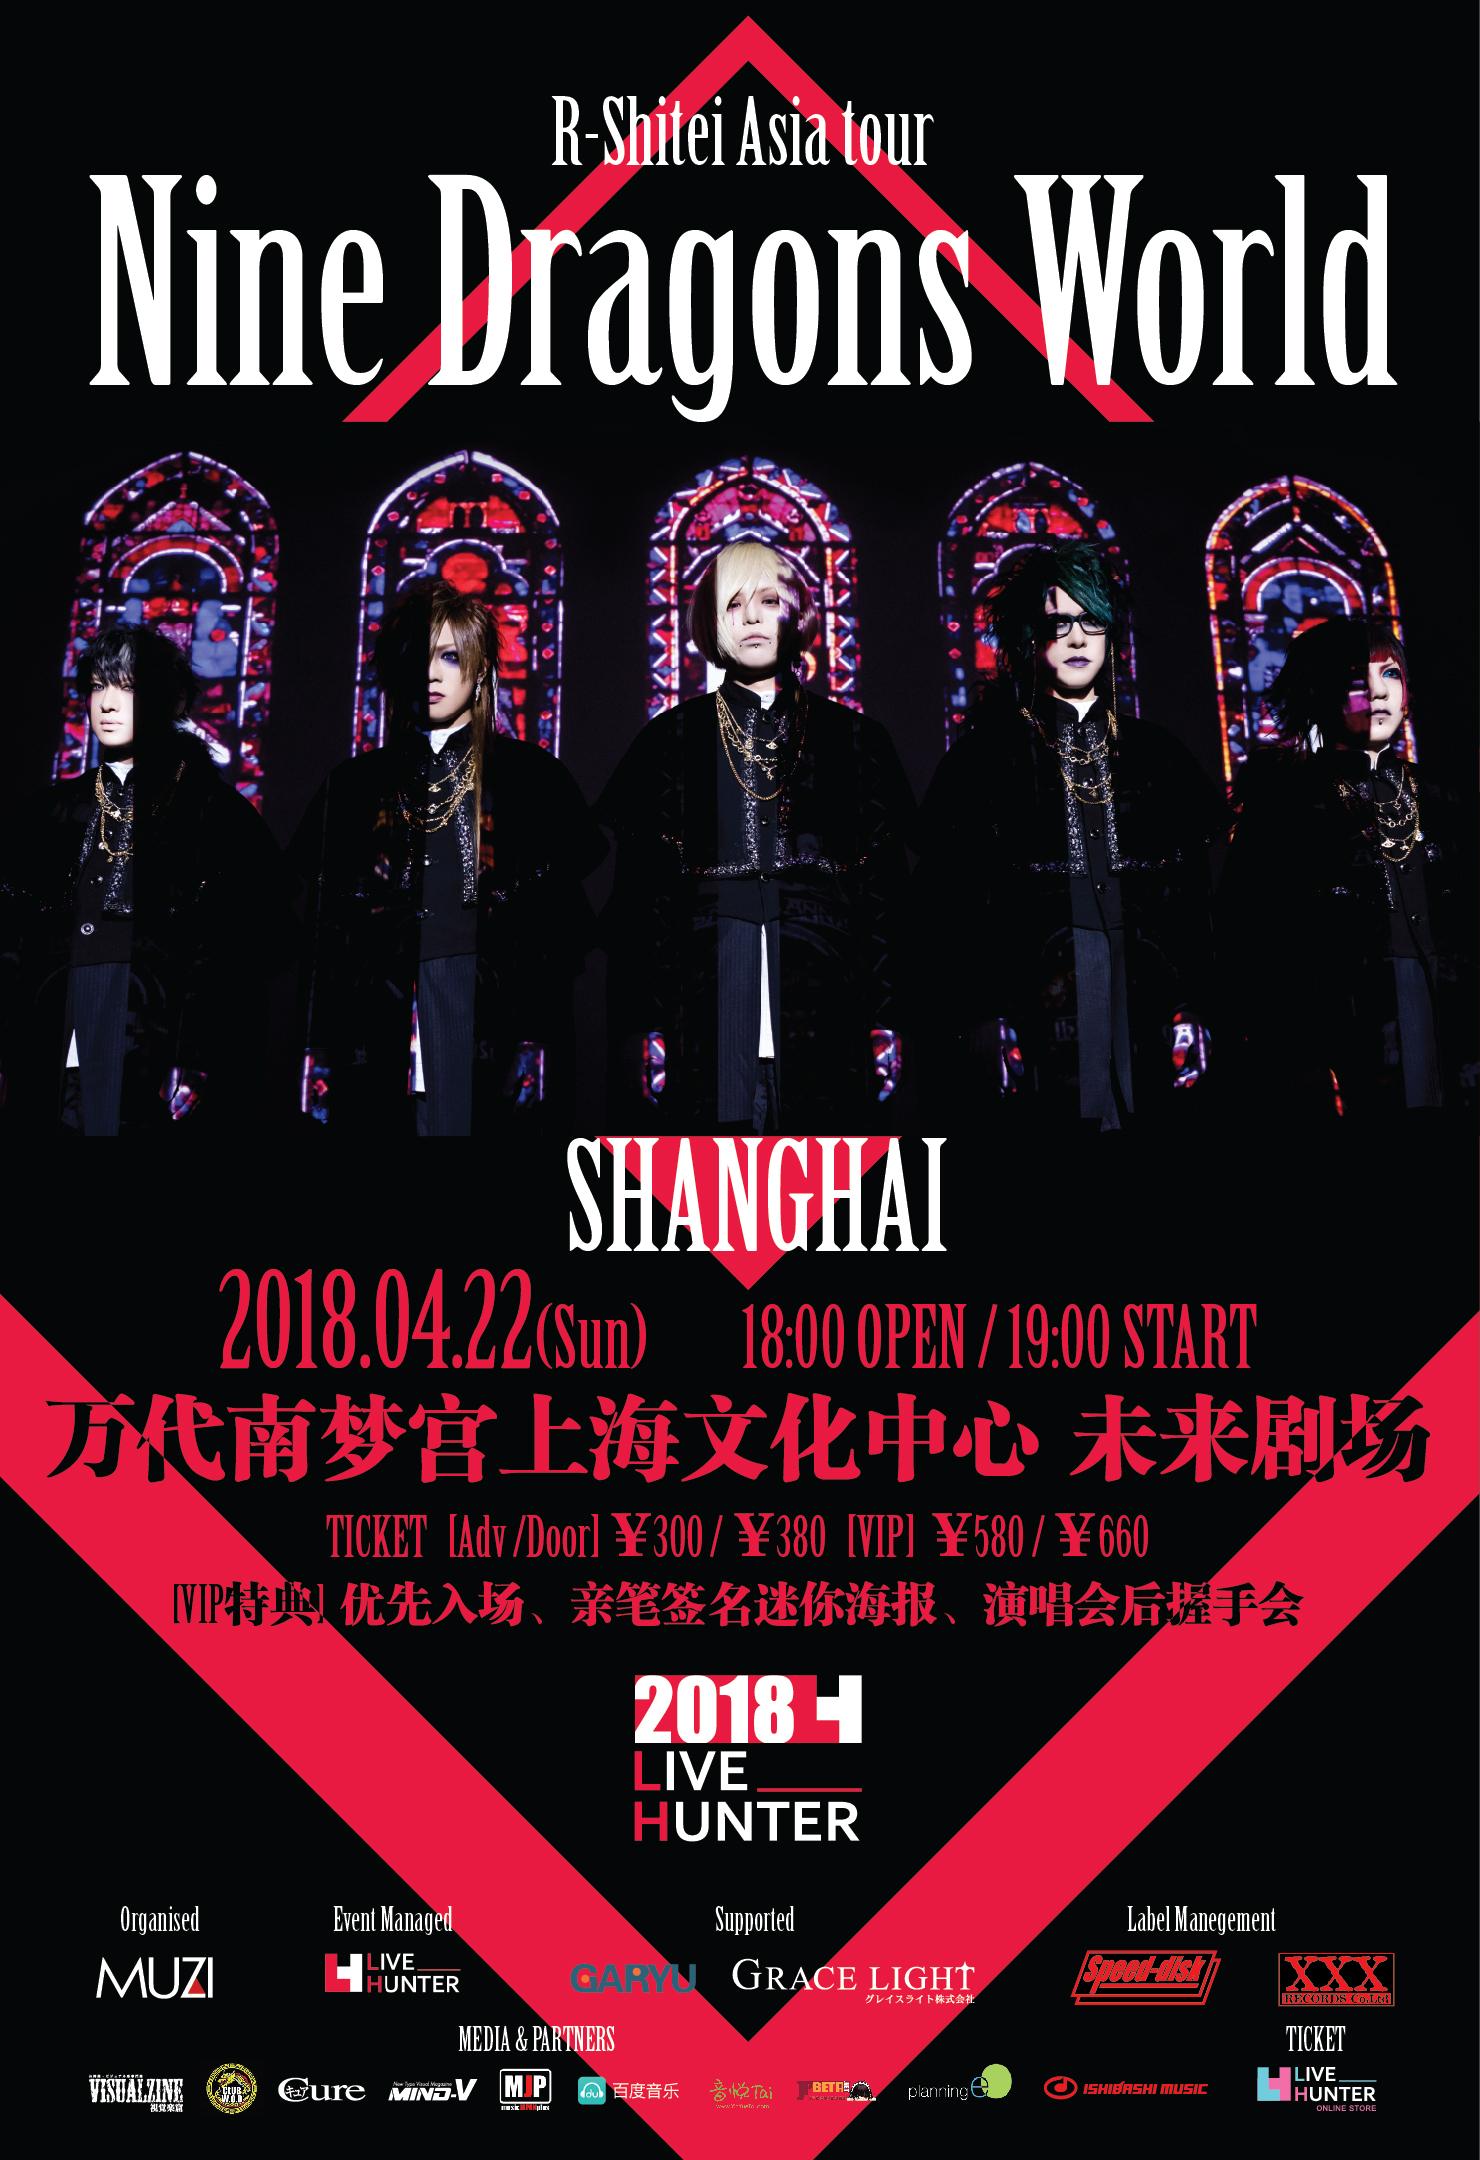 R指定アジアツアー《上海公演》